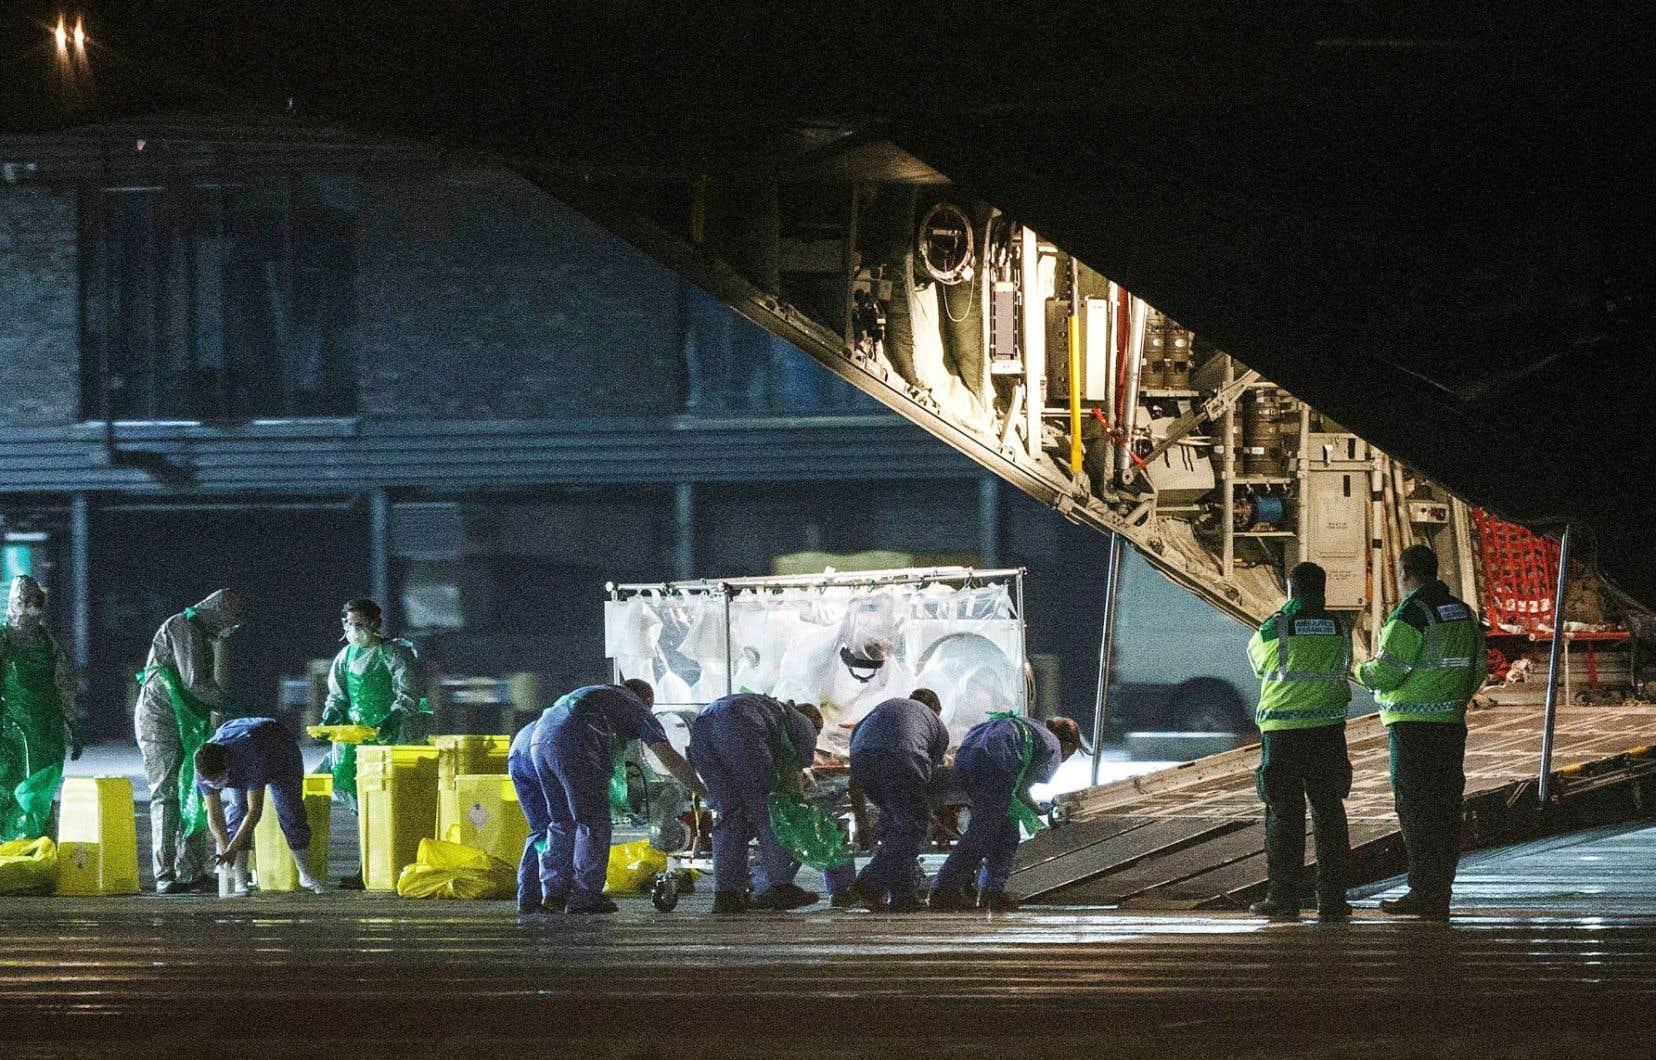 C'est dans un lit recouvert d'une tente disposant d'un système de ventilation autonome que l'infirmière d'origine écossaise qui a contracté le virus de l'Ebola en Sierra Leone a été transportée mardi, par avion-cargo, de Glasgow à Londres pour y être soignée.